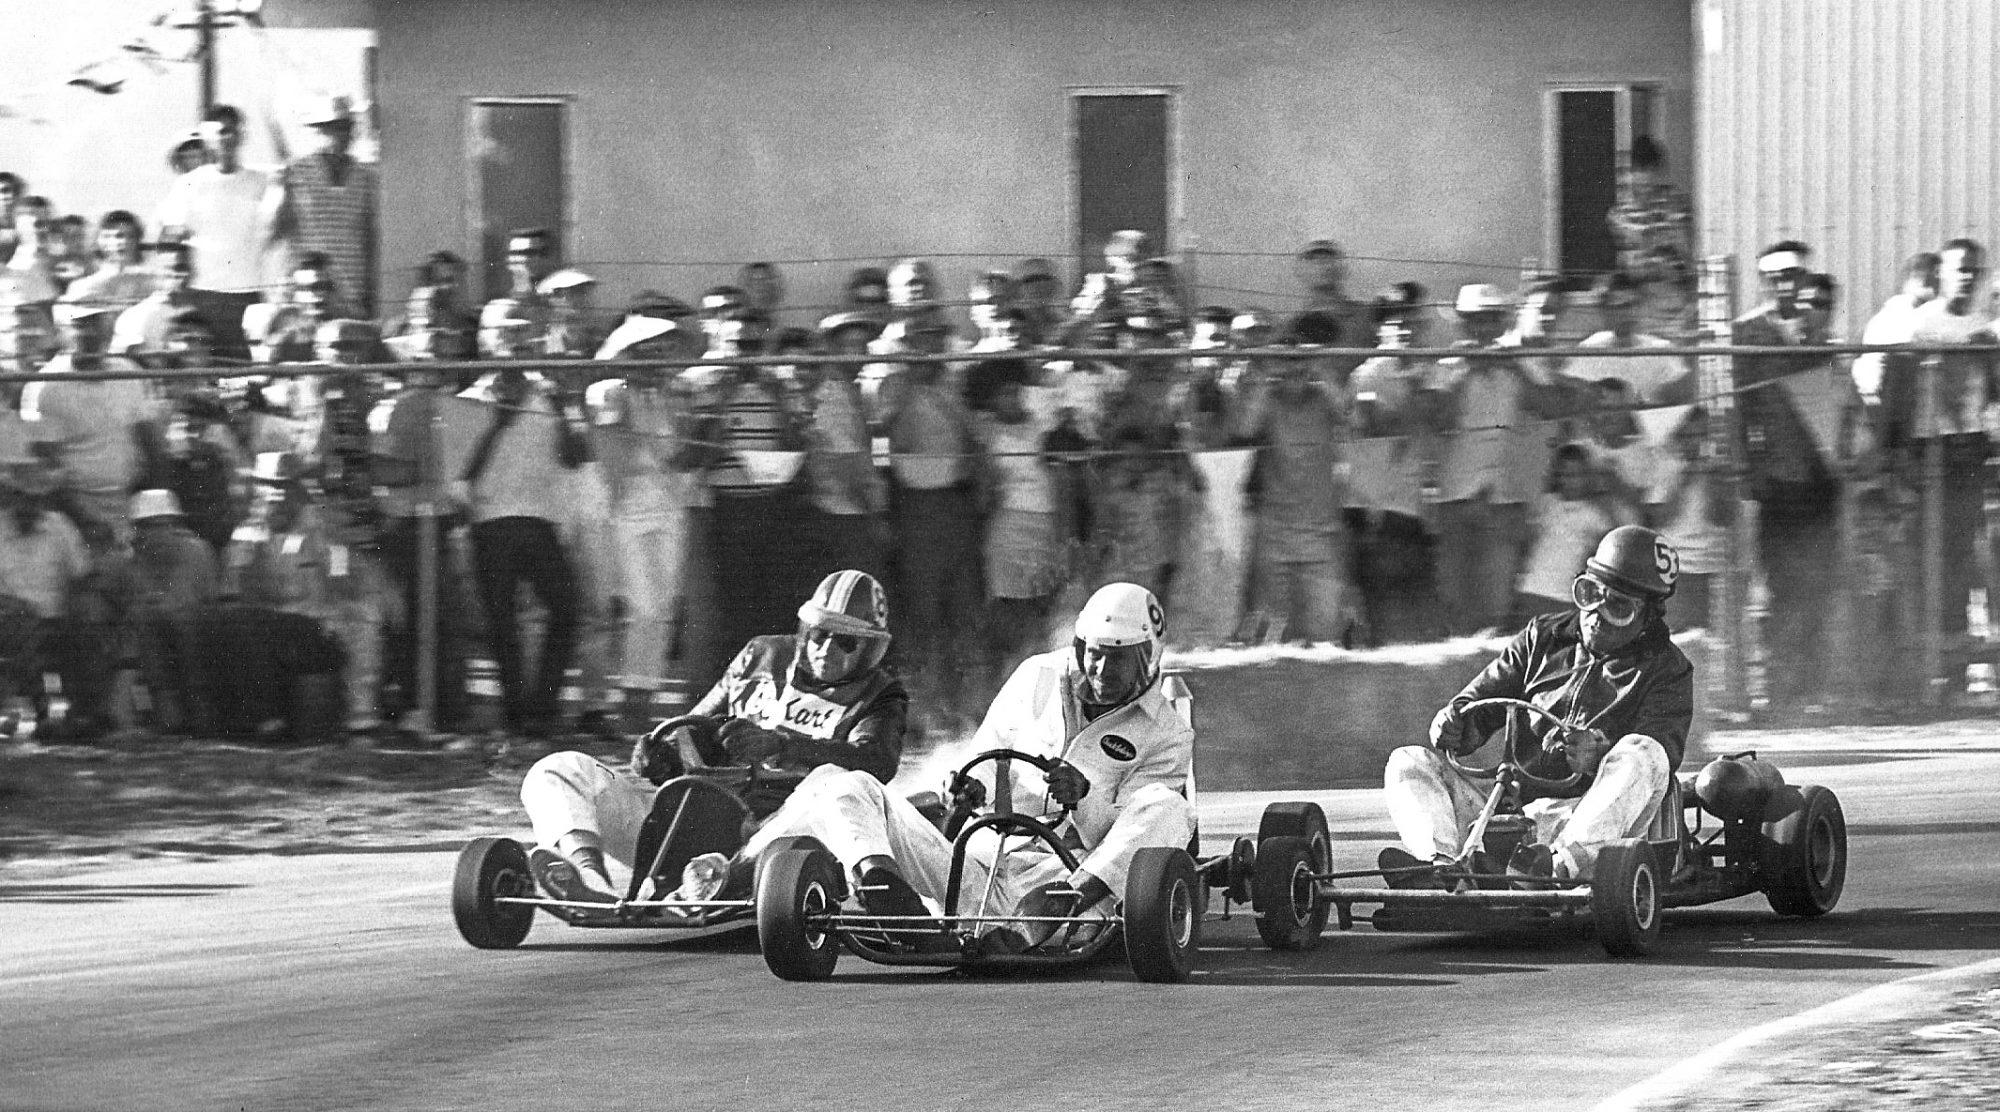 The Origins of Go-Karting